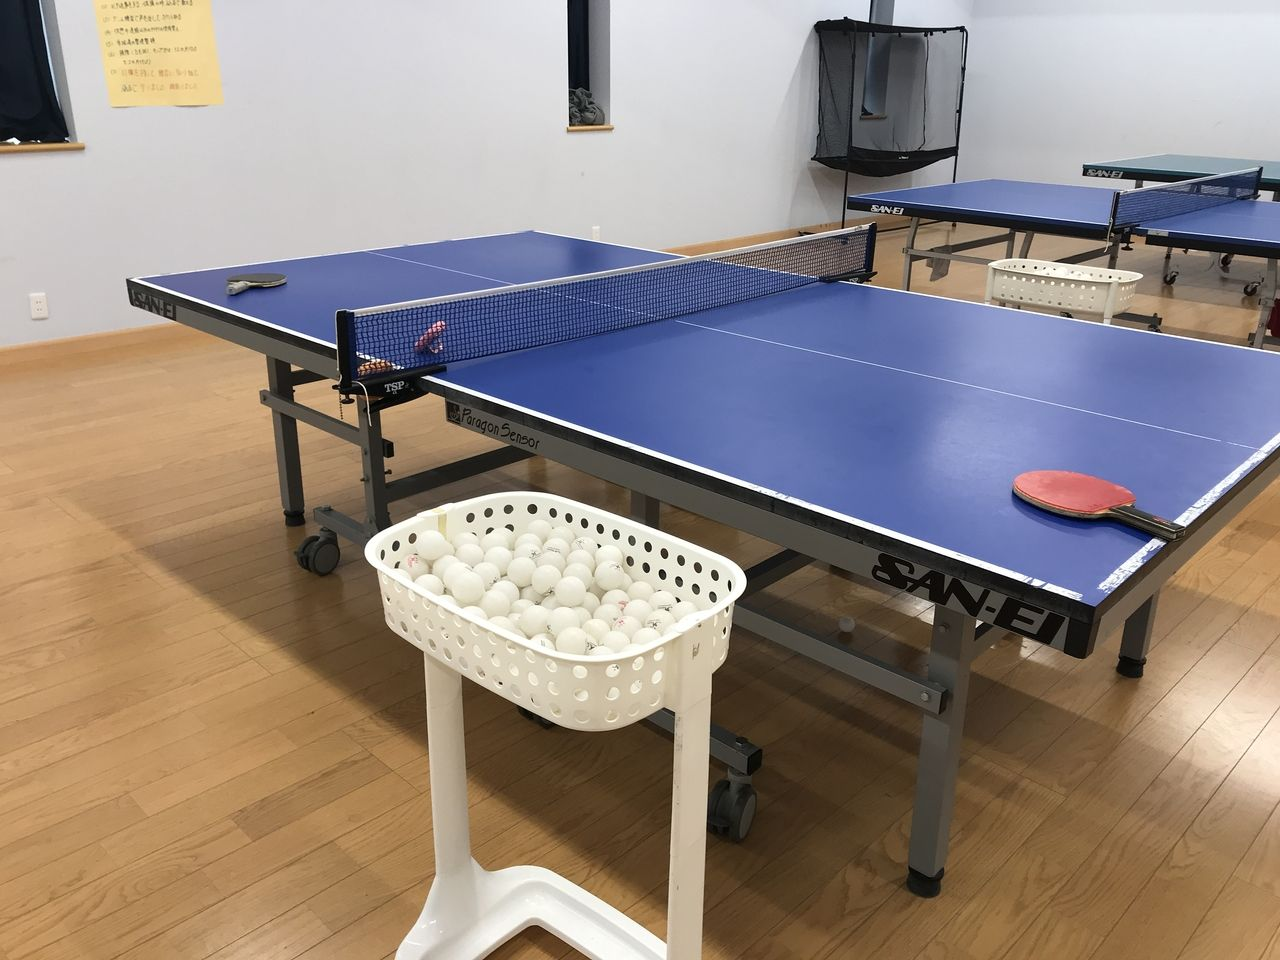 行徳のFSC卓球クラブの卓球台と球